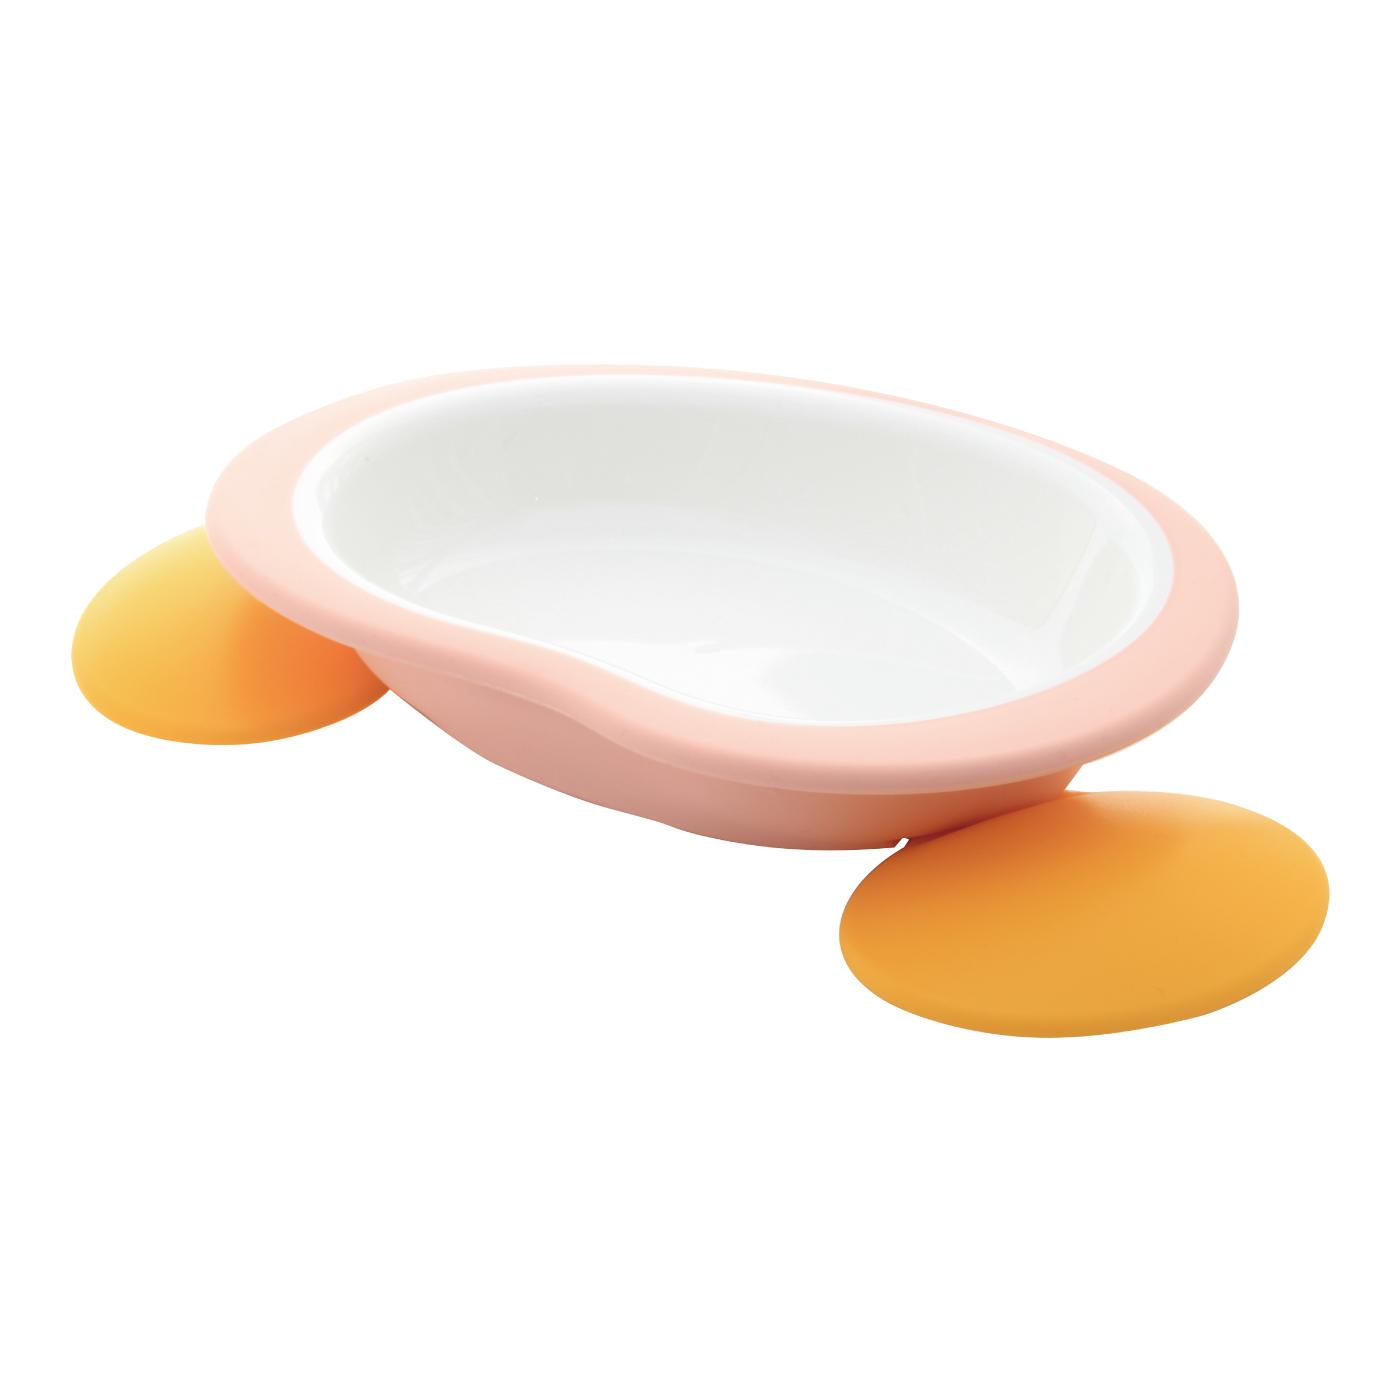 フェリシモ すべらない! すくいやすい! 食べさせやすいもぐもぐトレイ